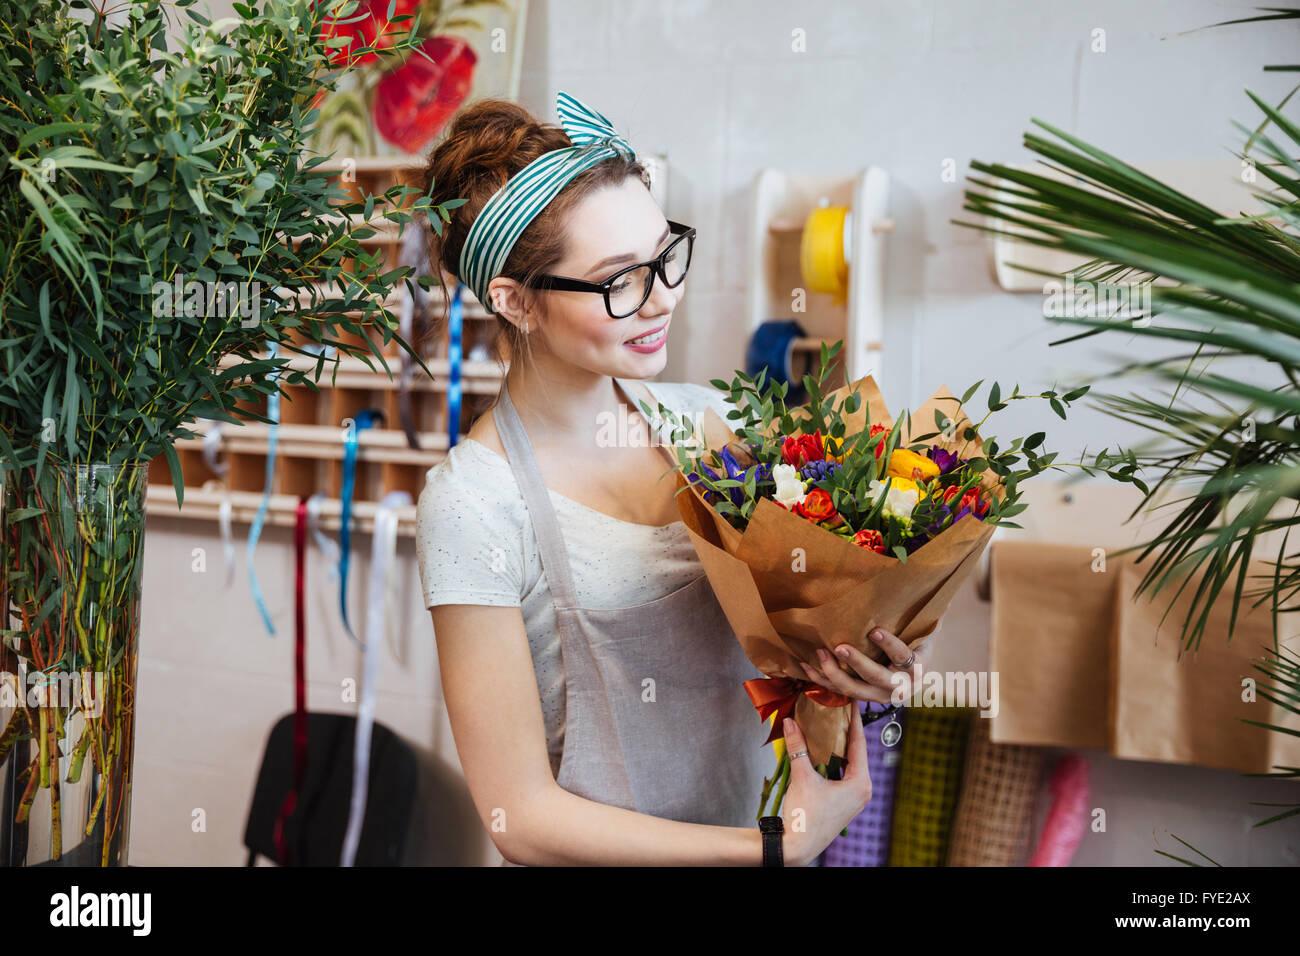 Sonriente joven mujer atractiva florista de pie y sosteniendo el ramo de flores en la tienda Imagen De Stock